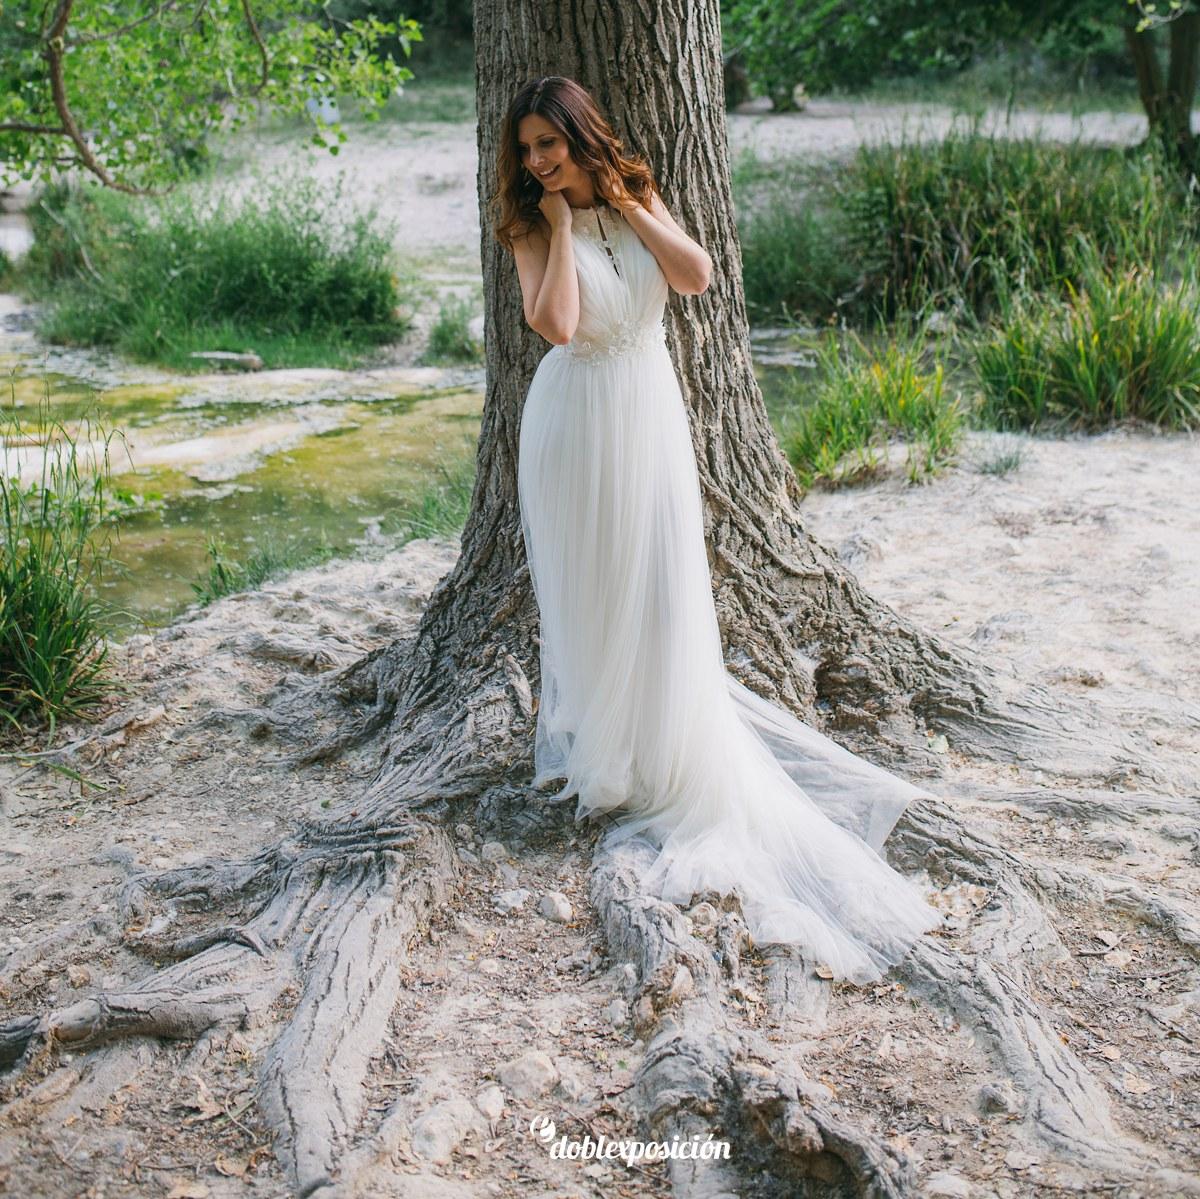 fotografos-boda-postboda-pouclar-finca-elche-alicante_0014